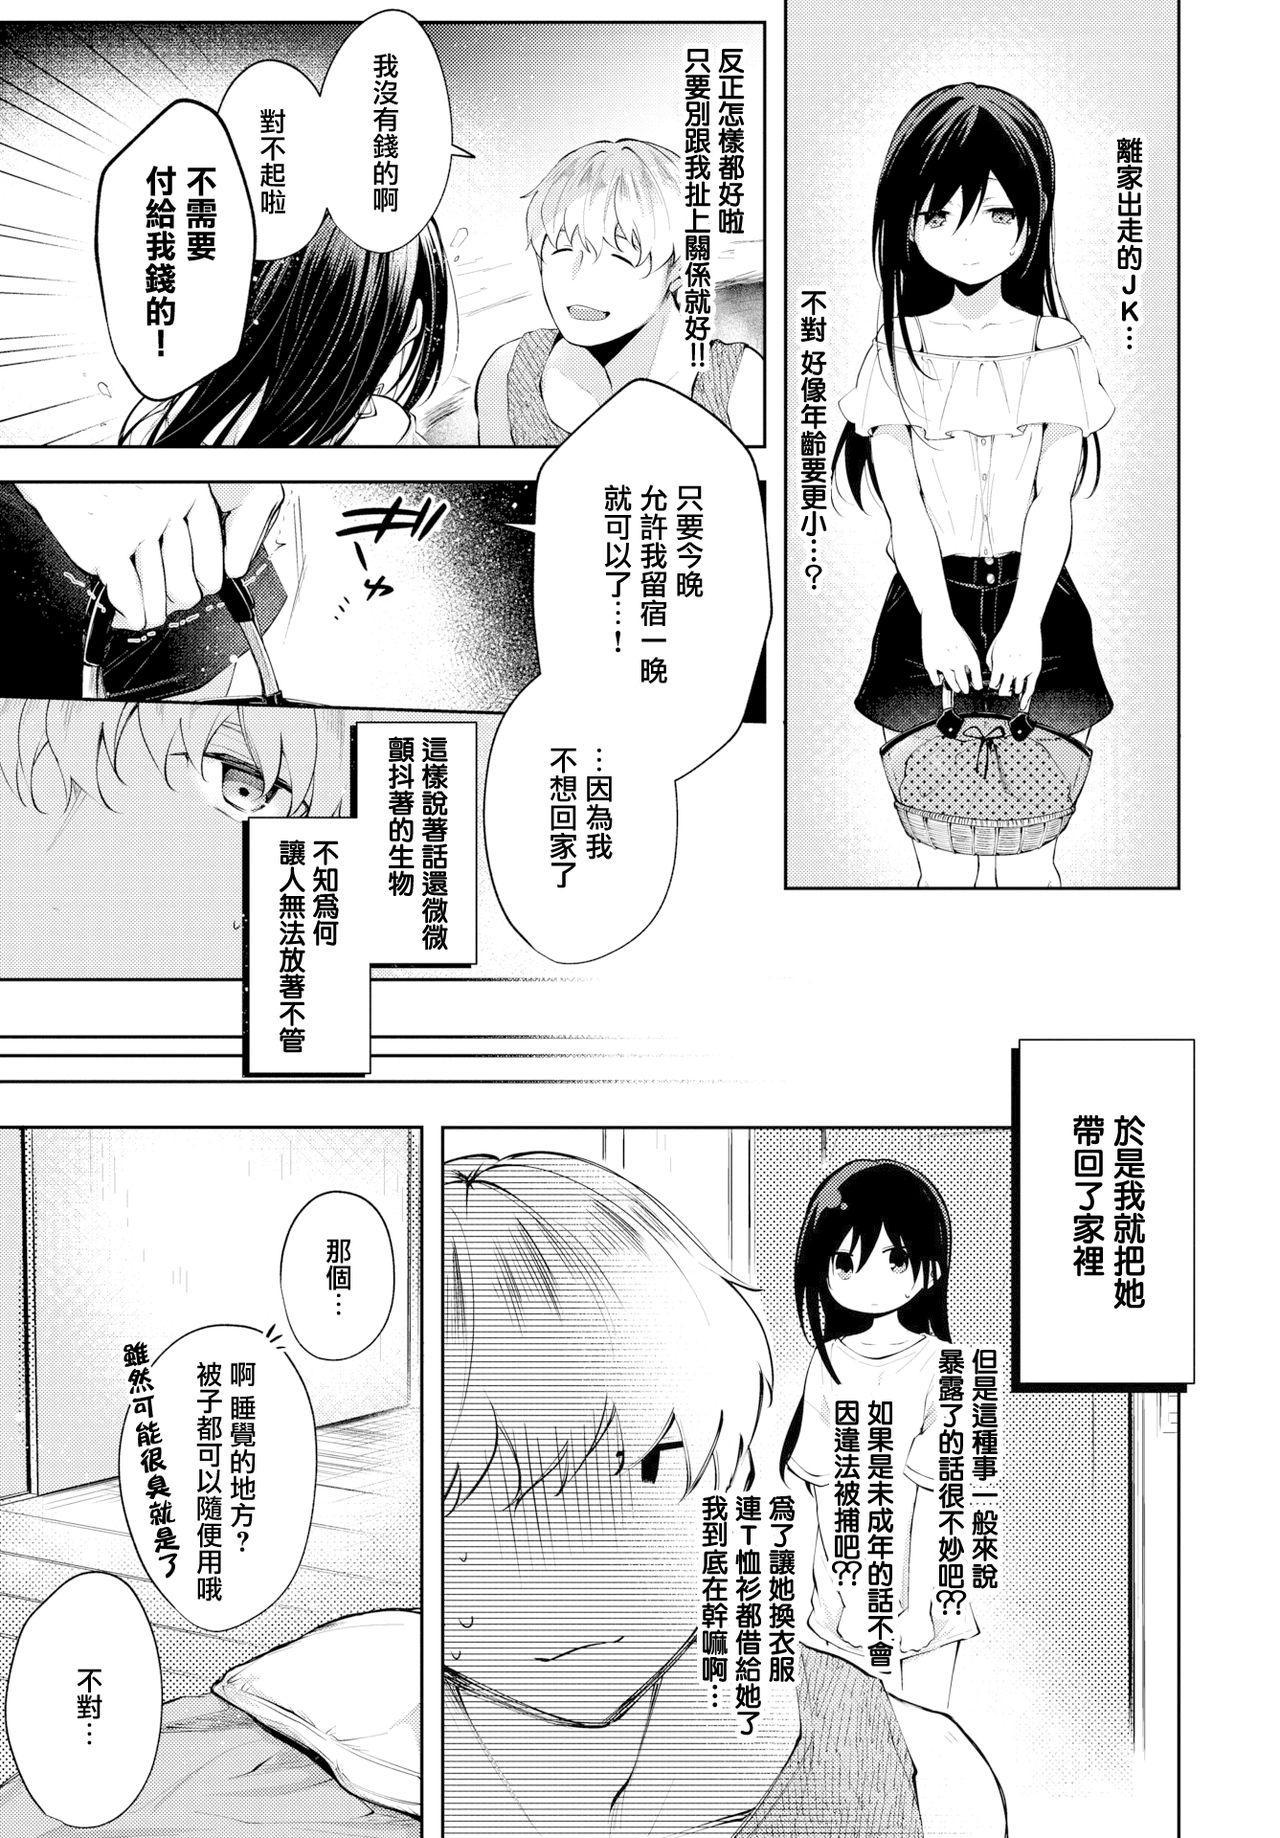 Mayoineko no Ongaeshi 2